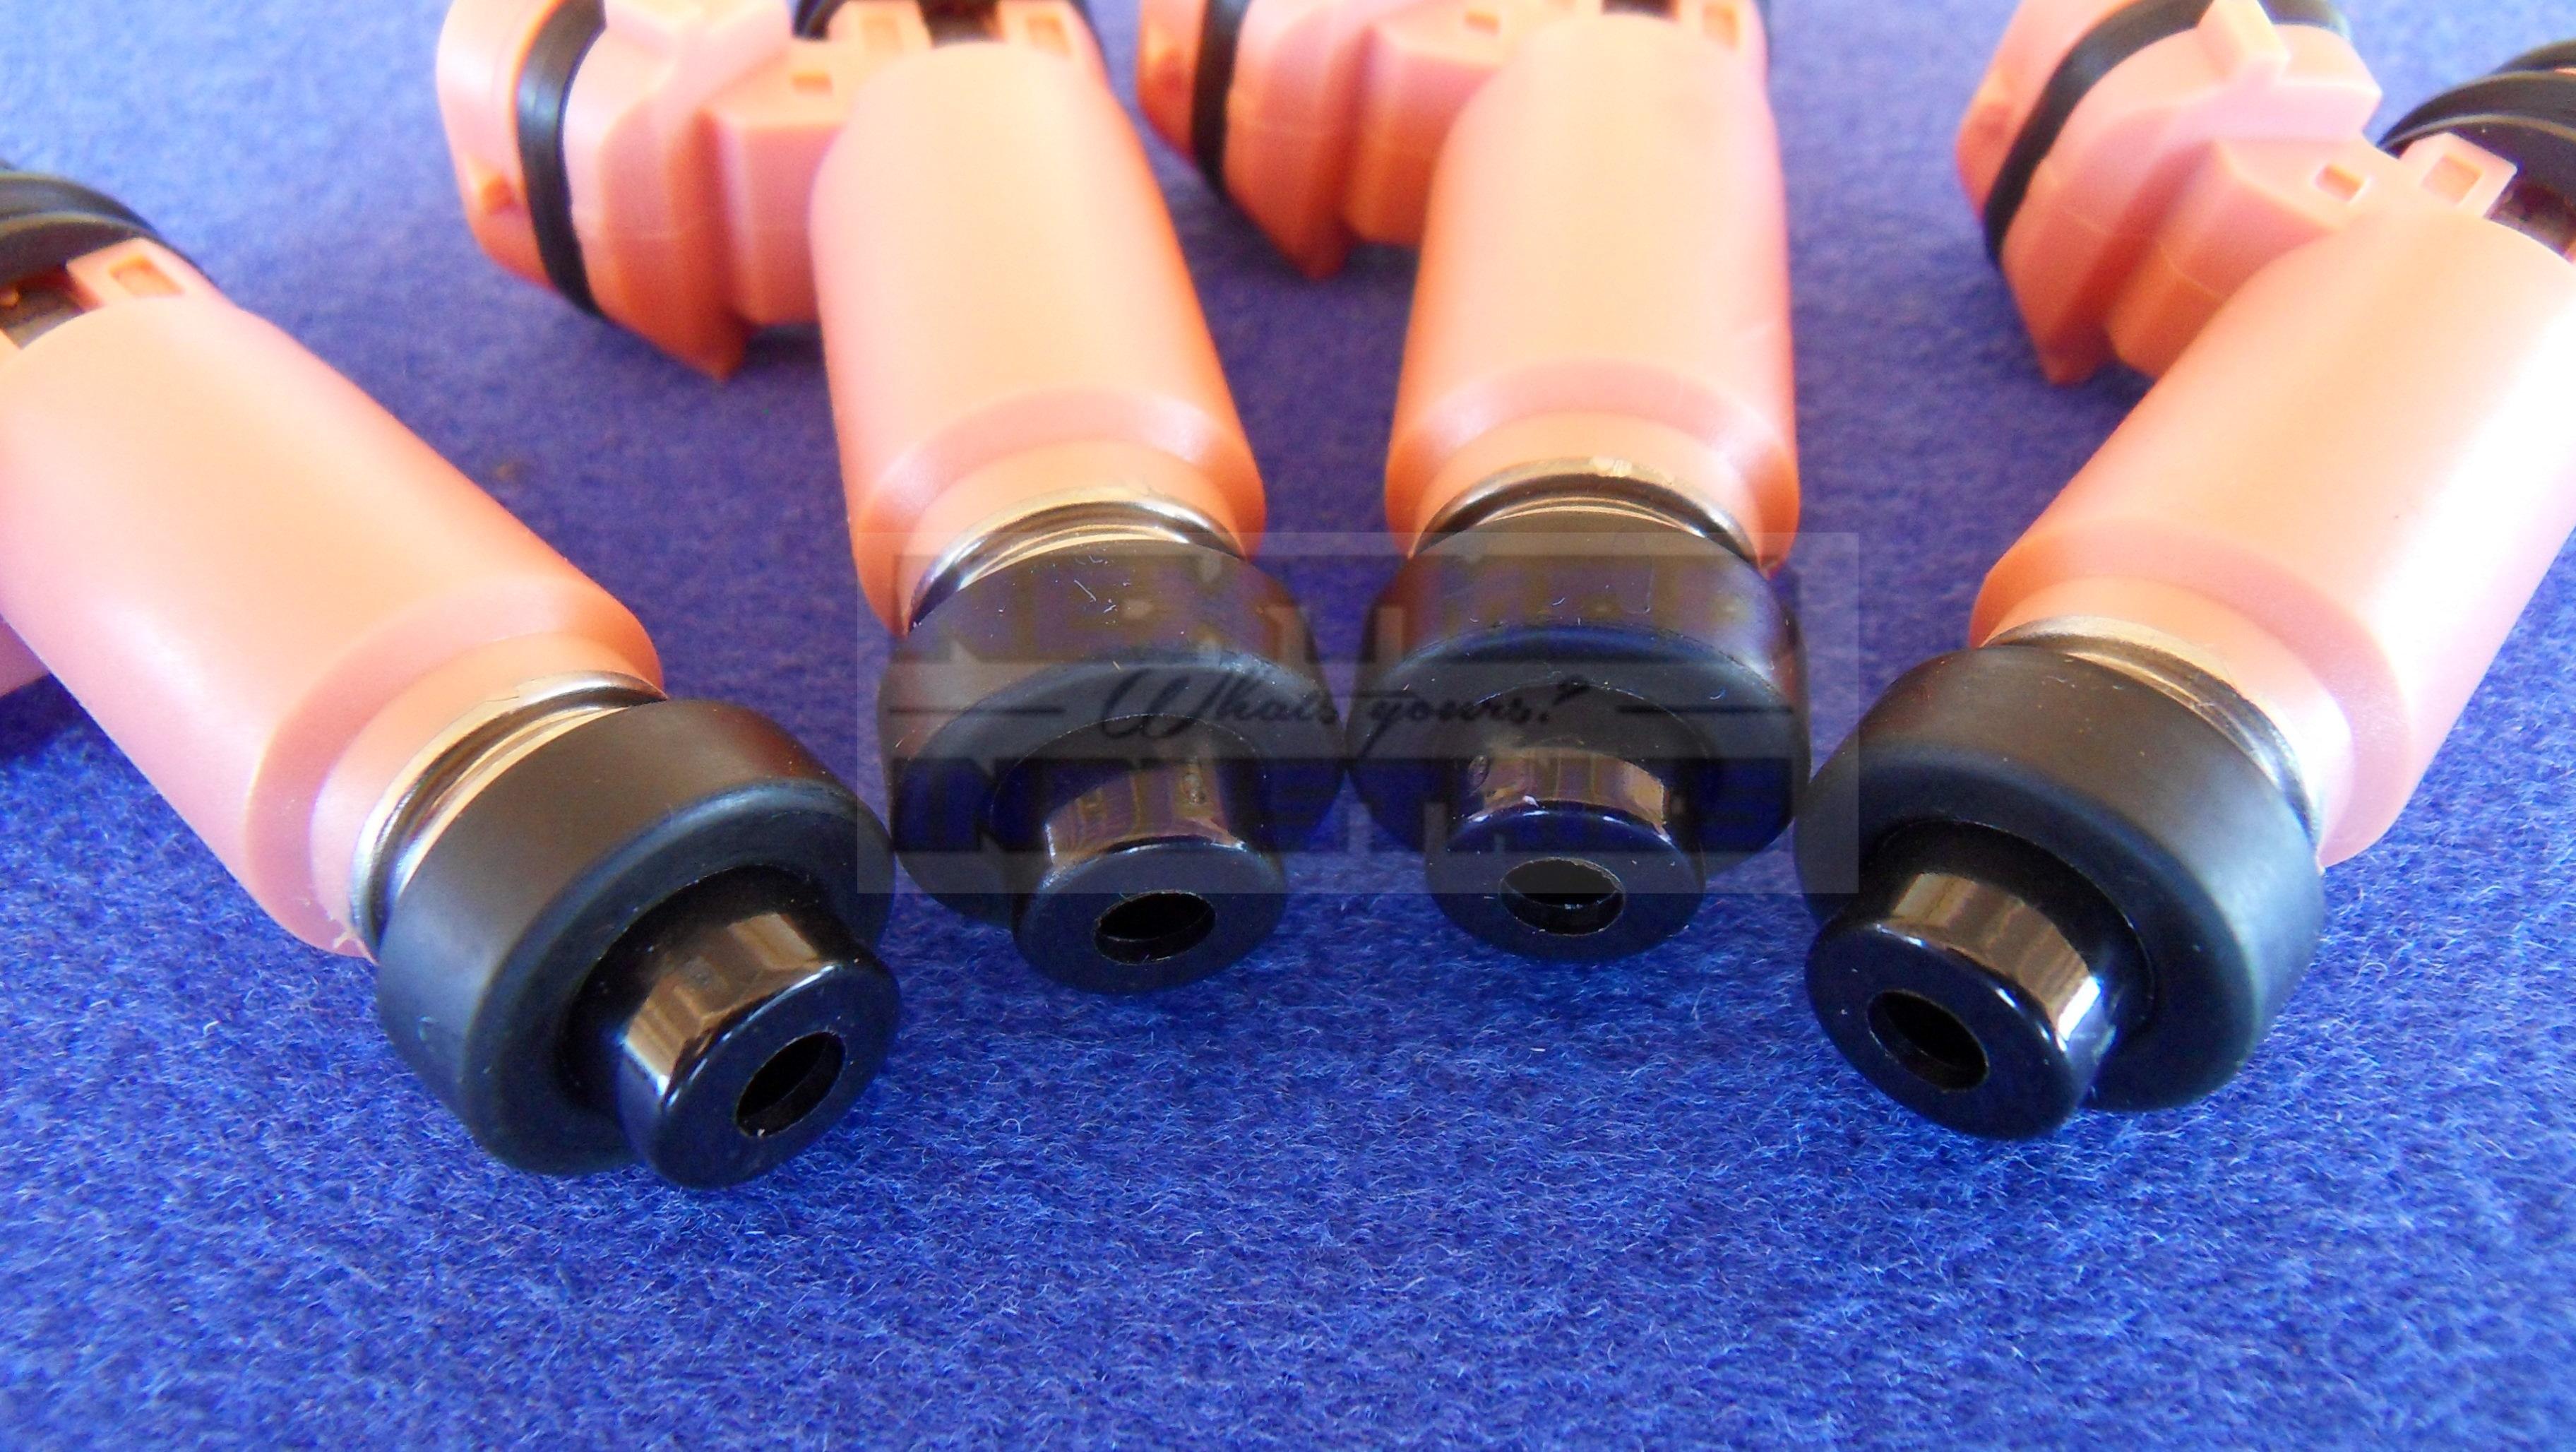 Subaru Sti Denso 565cc Pink Fuel Injectors X 4 Vf34